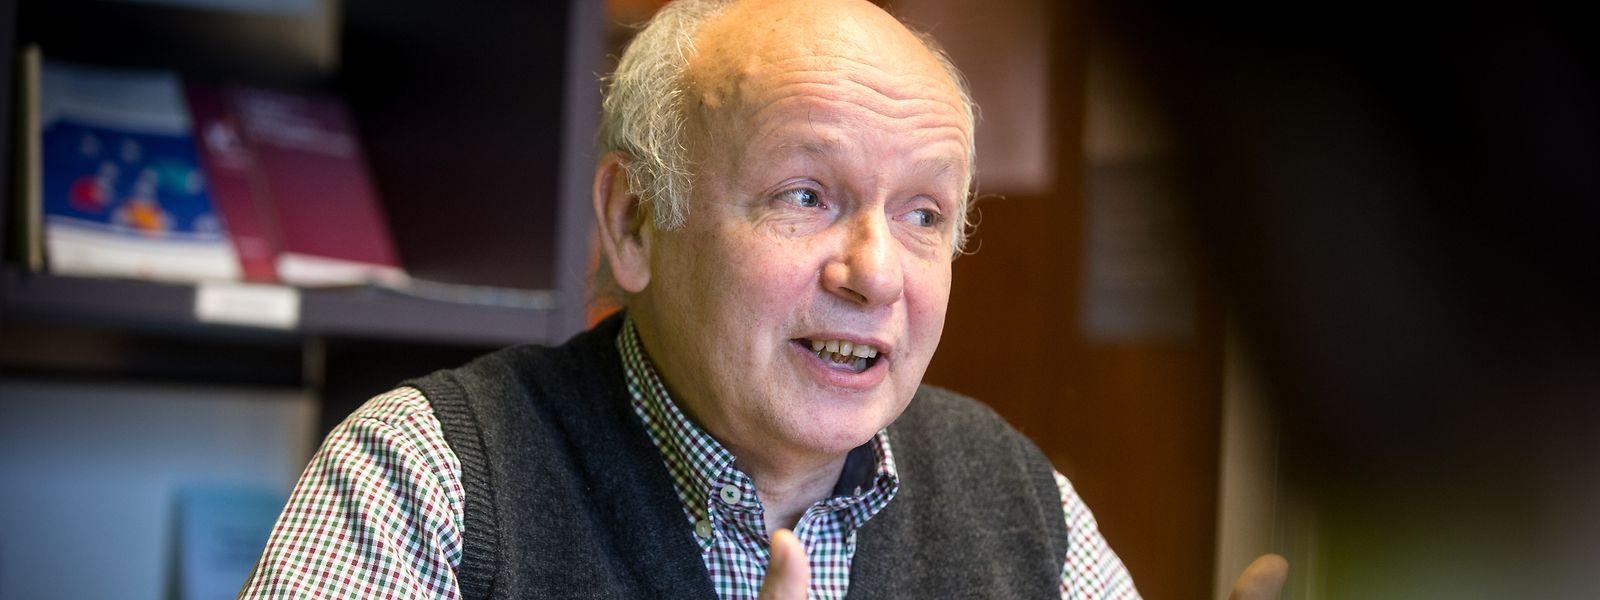 O provedor dos direitos das crianças (Ombudskomitee fir d'Rechter vum Kand), René Schlechter, defende a separação dos filhos, por falta de alojamento, deve ser uma decisão dos pais.